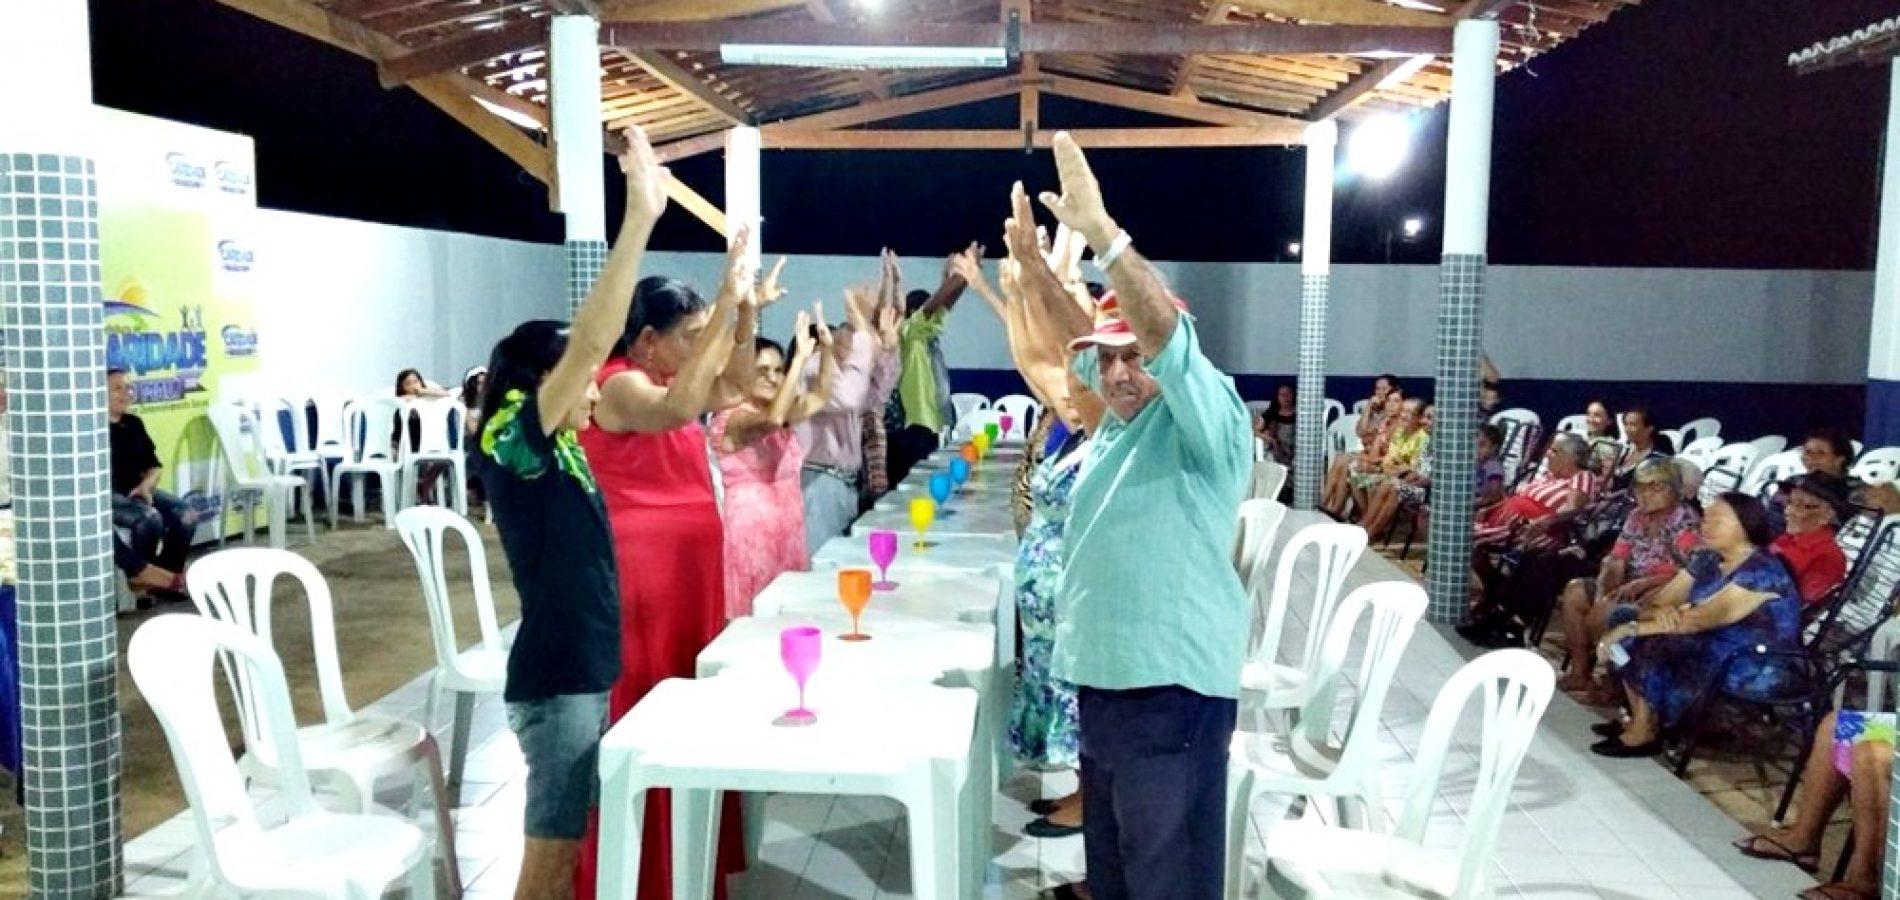 CARIDADE | Forró dos Idosos abre atividades do Serviço de Convivência e proporciona alegria e diversão